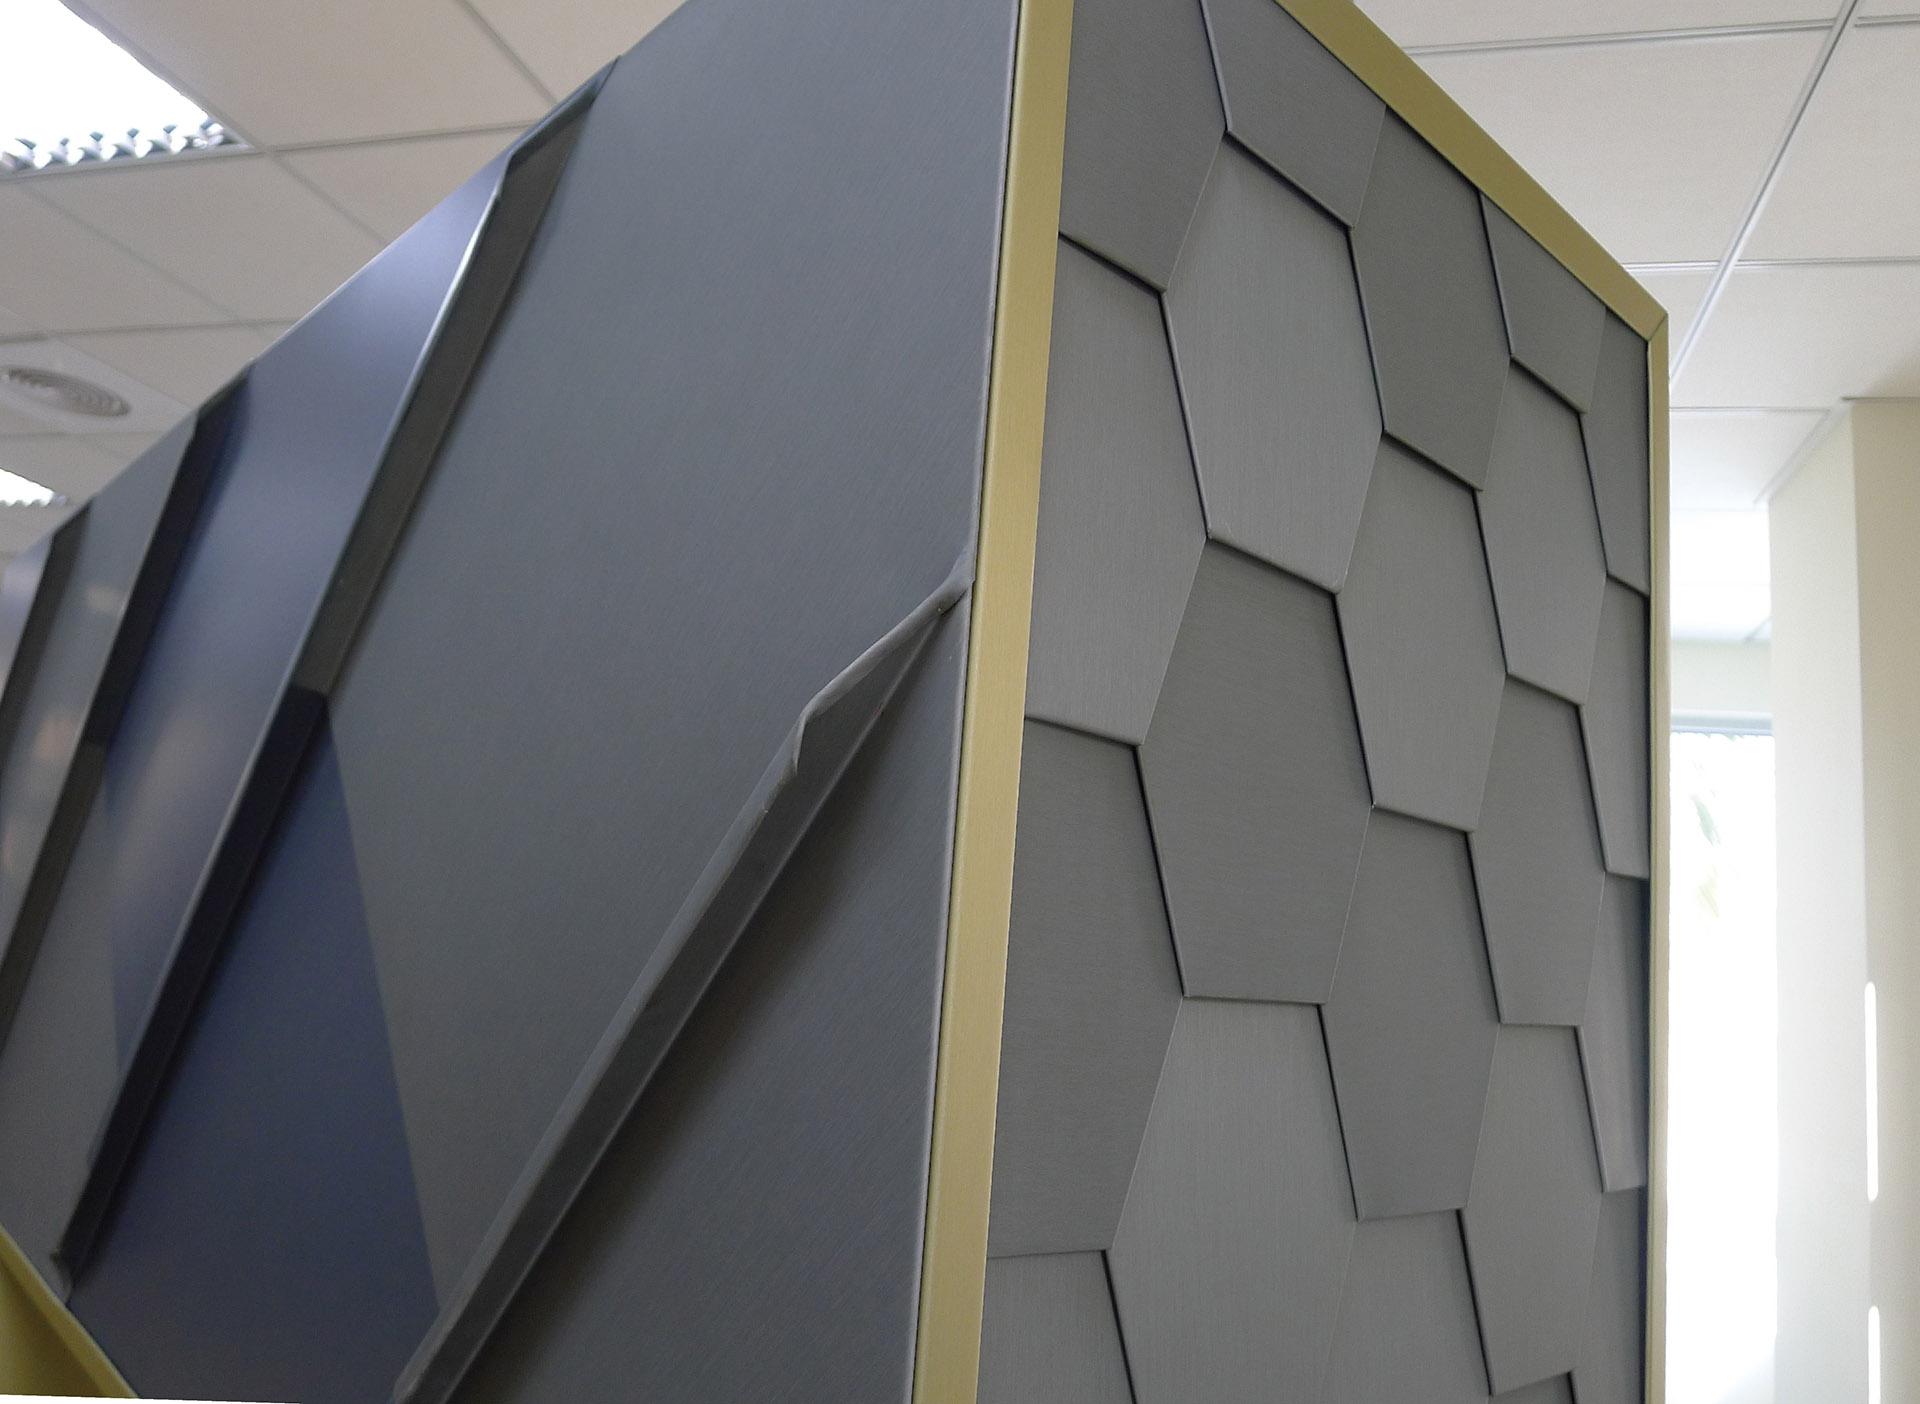 Titanium Zinc Cladding System Lintel Structure